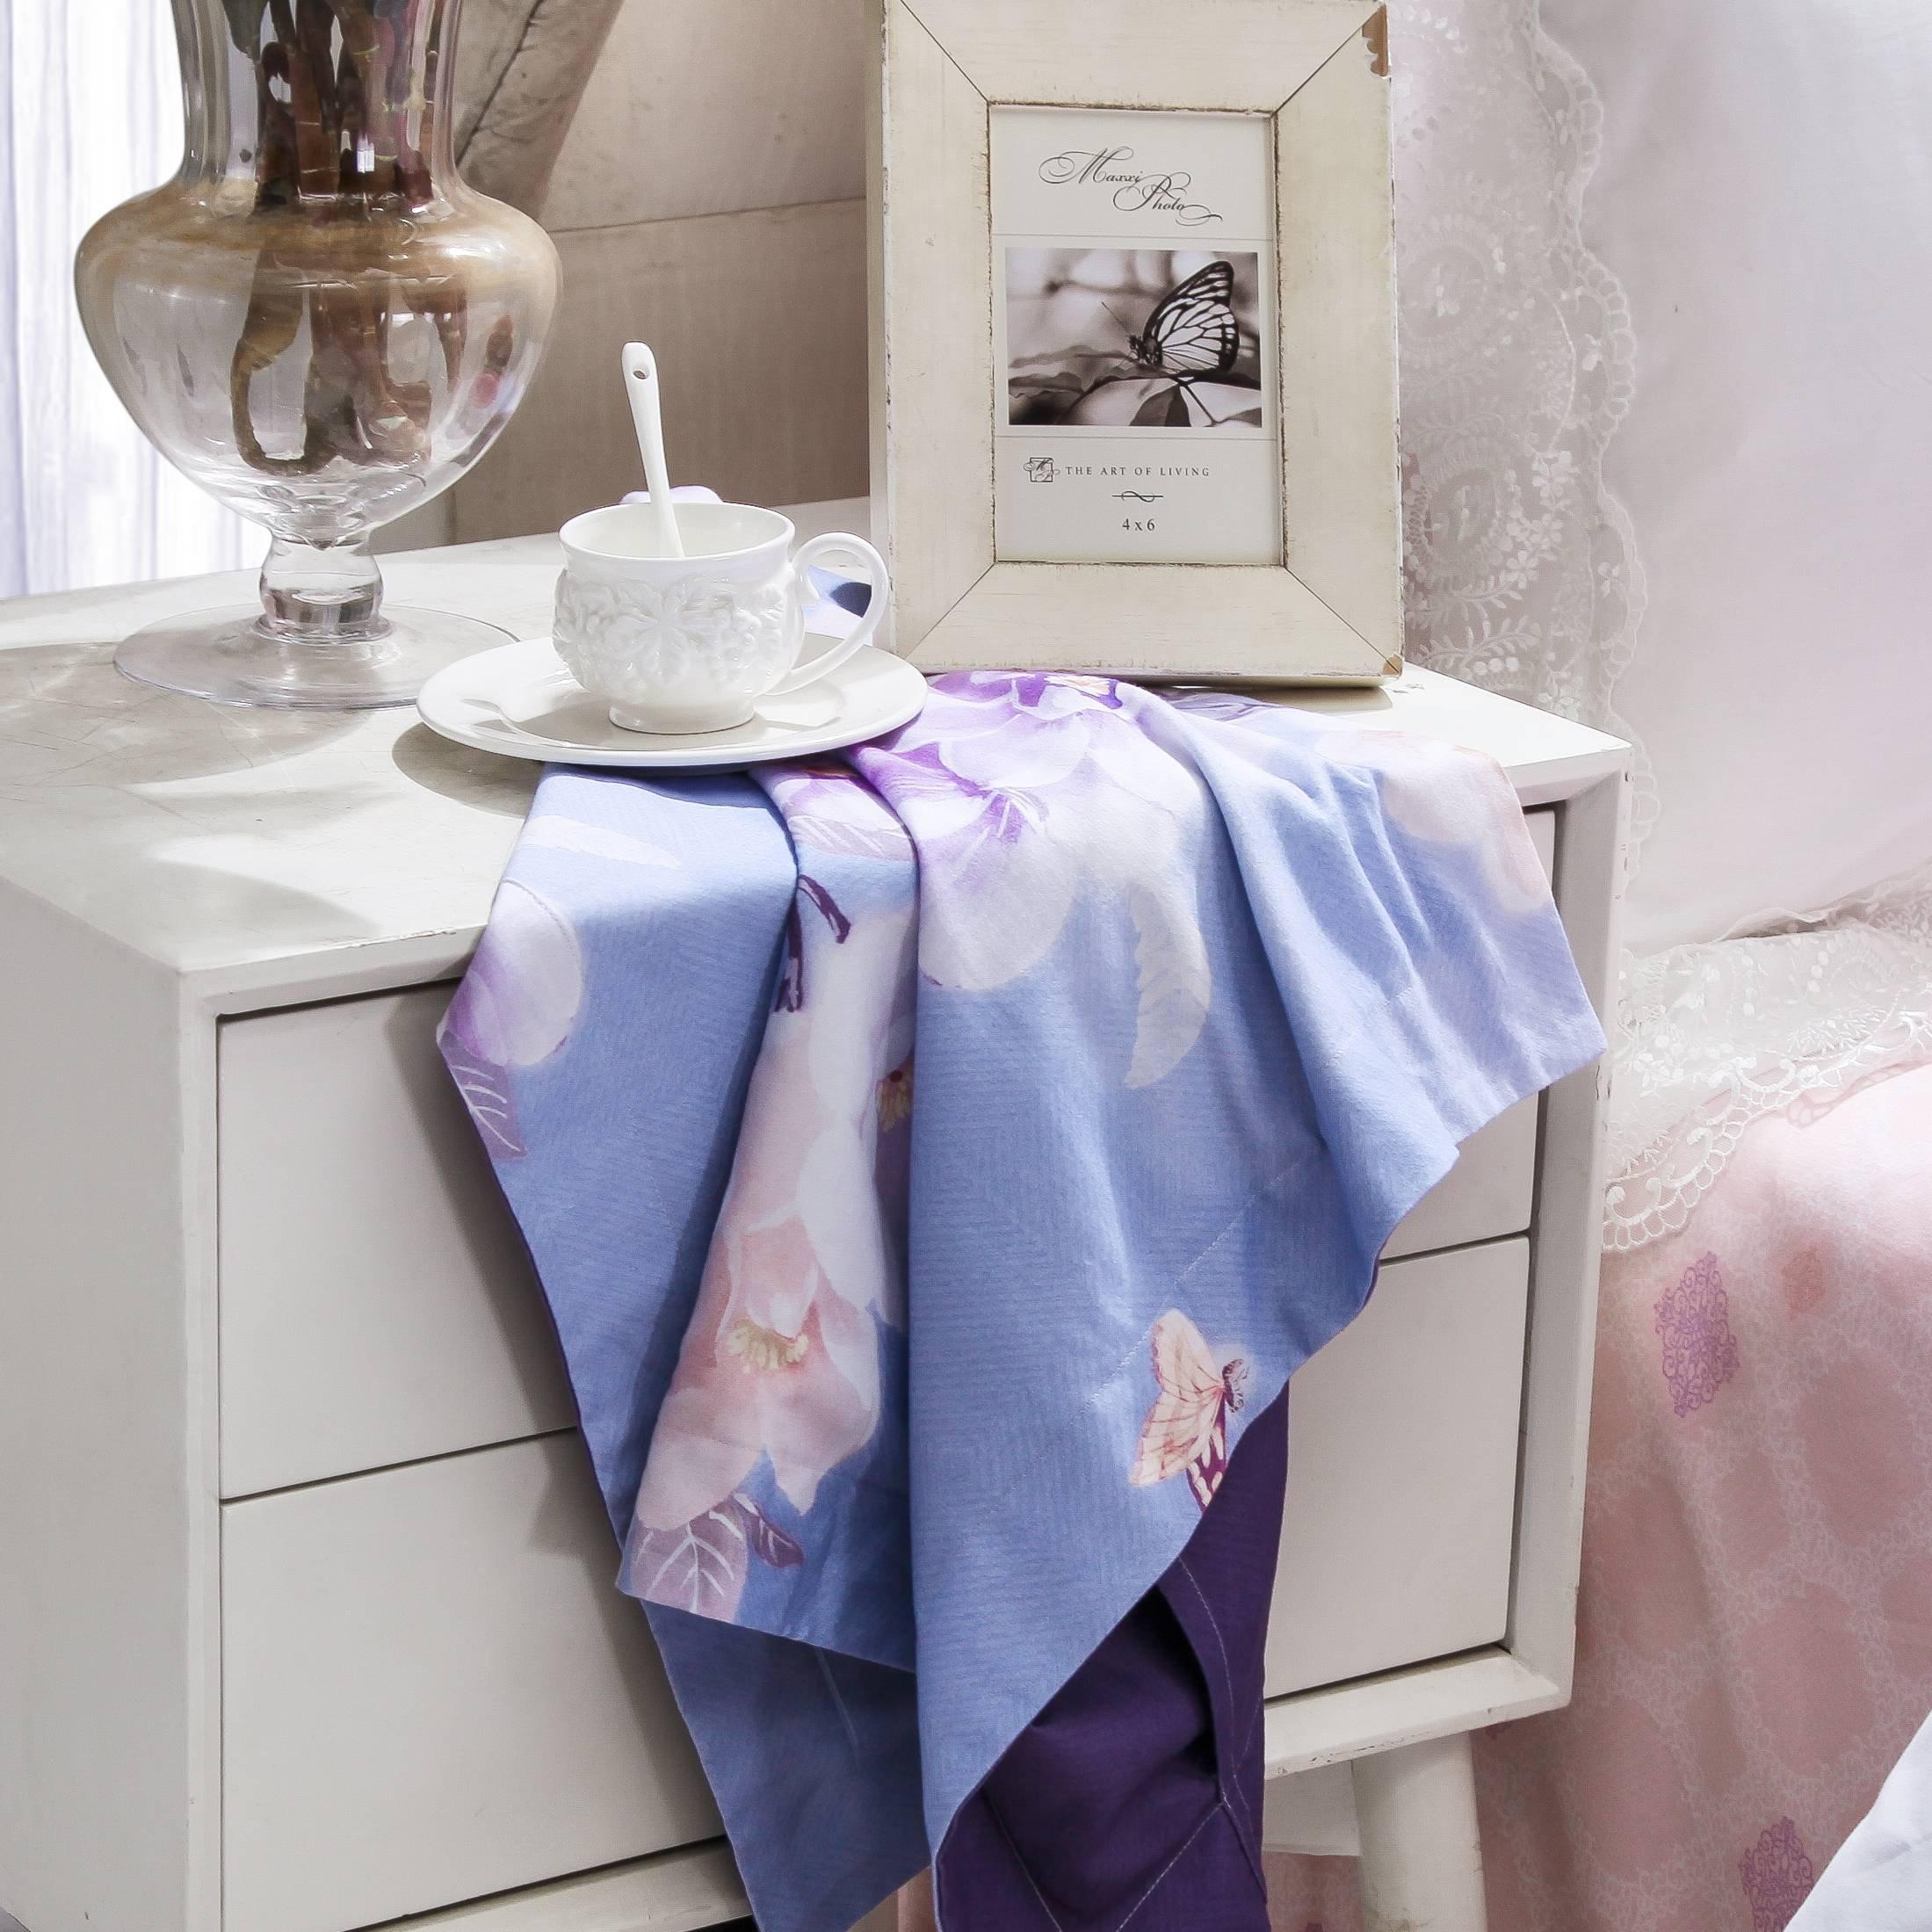 Floral Printed Brushed Cotton Bedding Set #6882